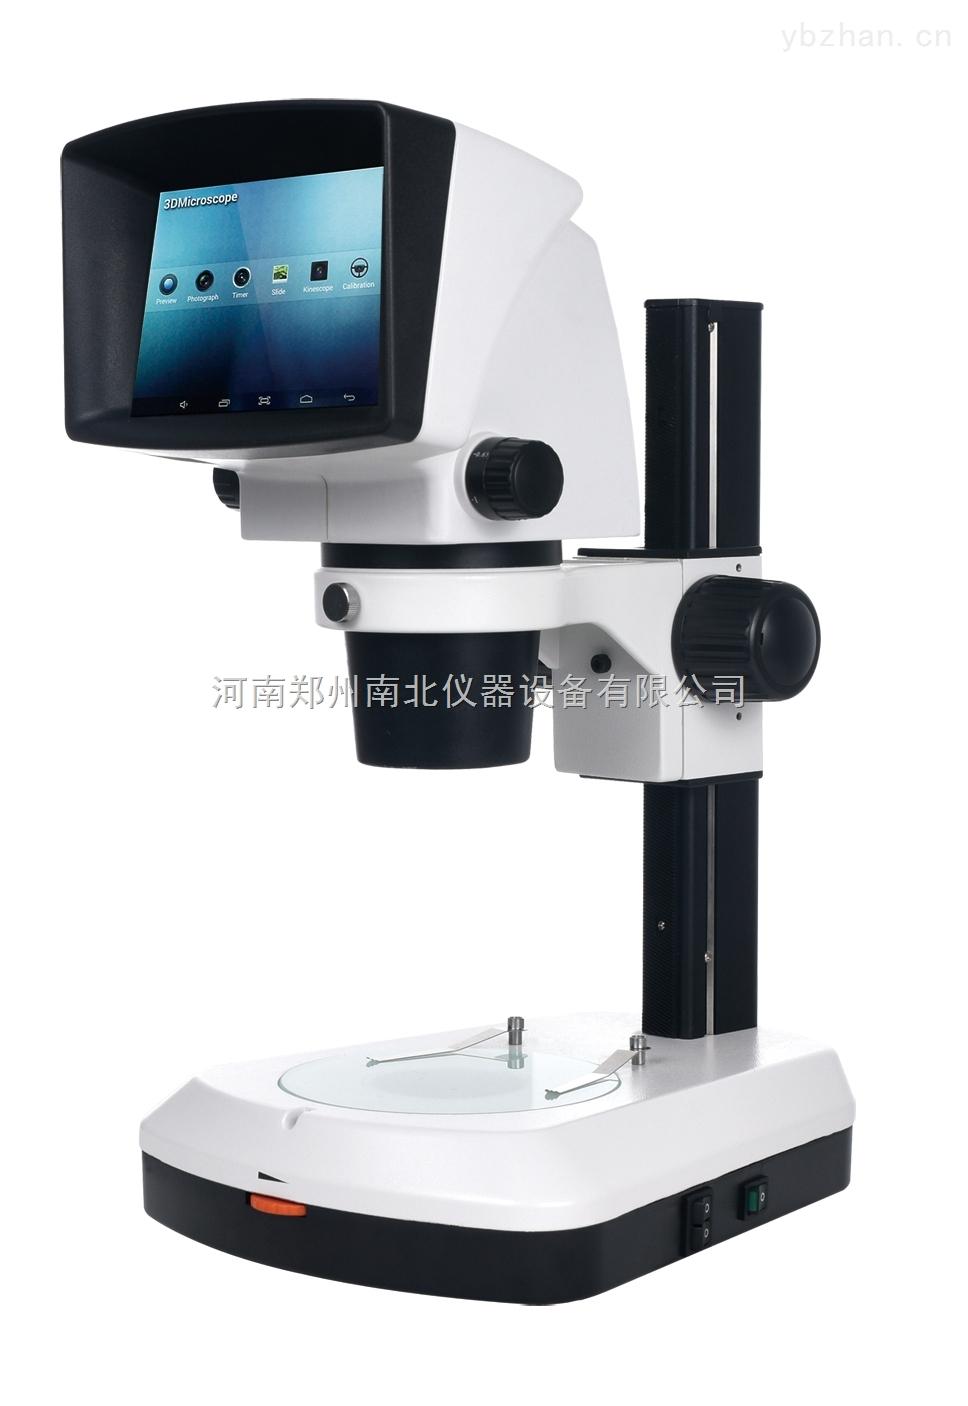 三维立体显微镜价格,三维立体显微镜厂家